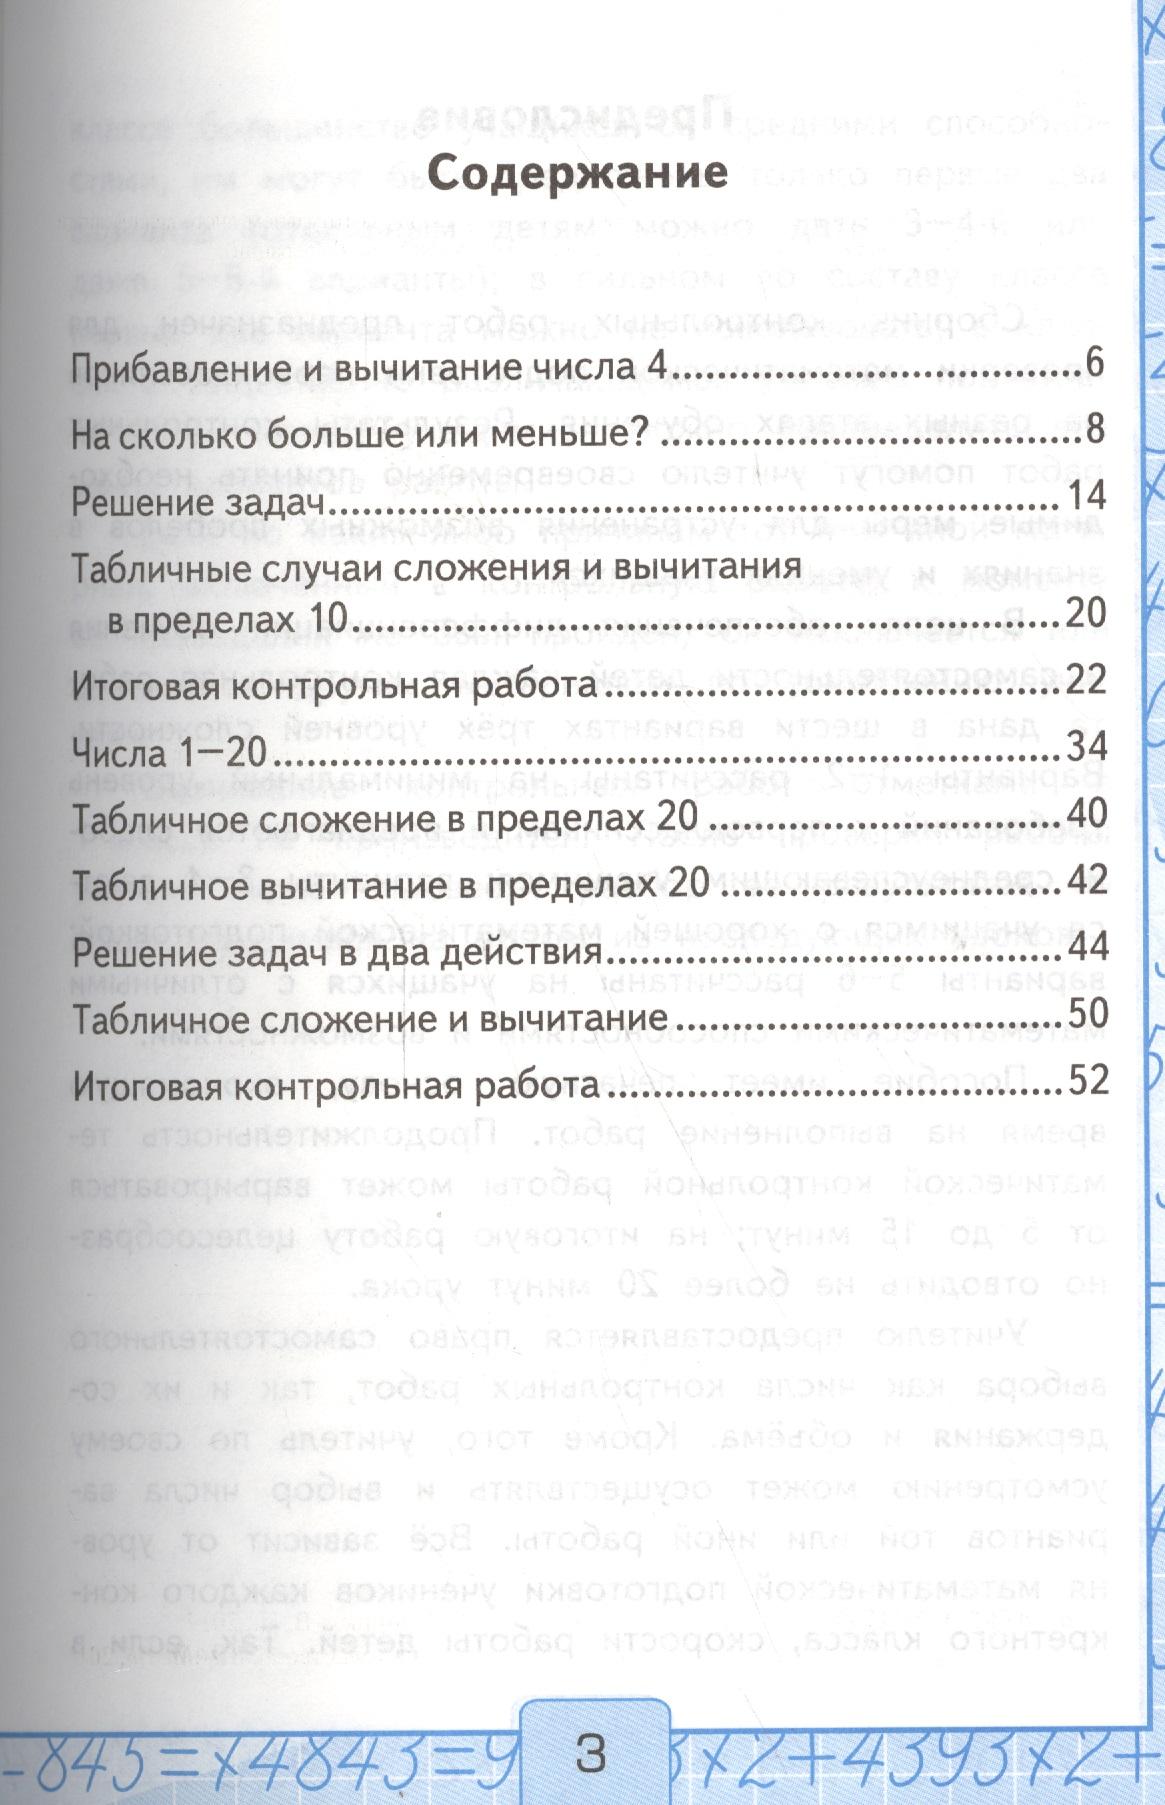 Контрольные работы по математике класс Часть К учебнику М  Контрольные работы по математике 1 класс Часть 2 К учебнику М И Моро и др Математика 1 класс В 2 х частях